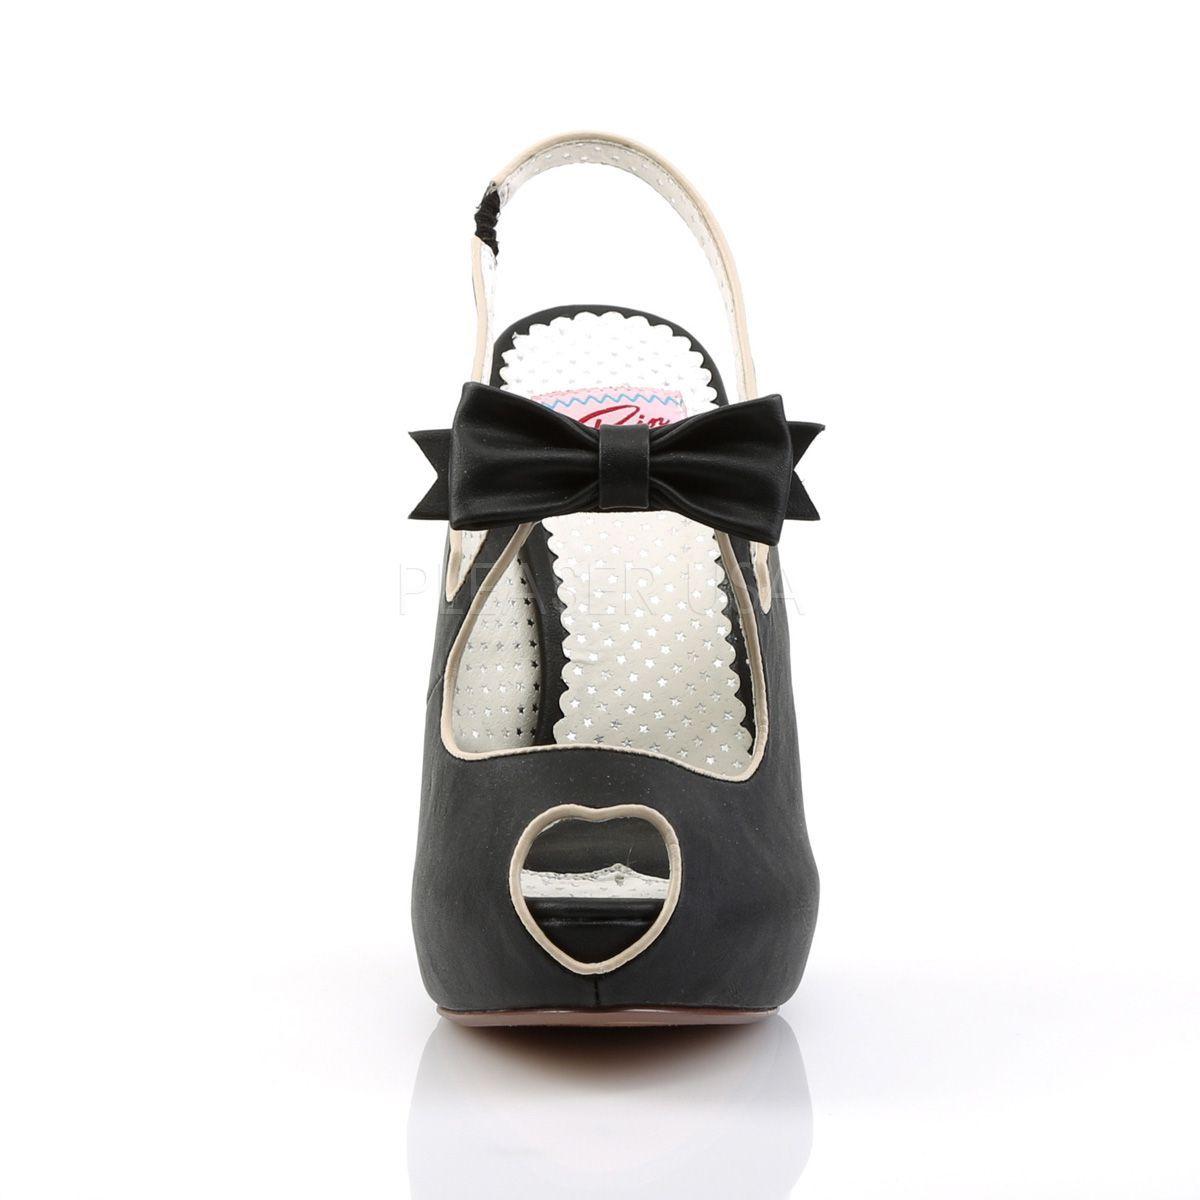 Sapato Bettie 03 - Pin Up Couture (encomenda)